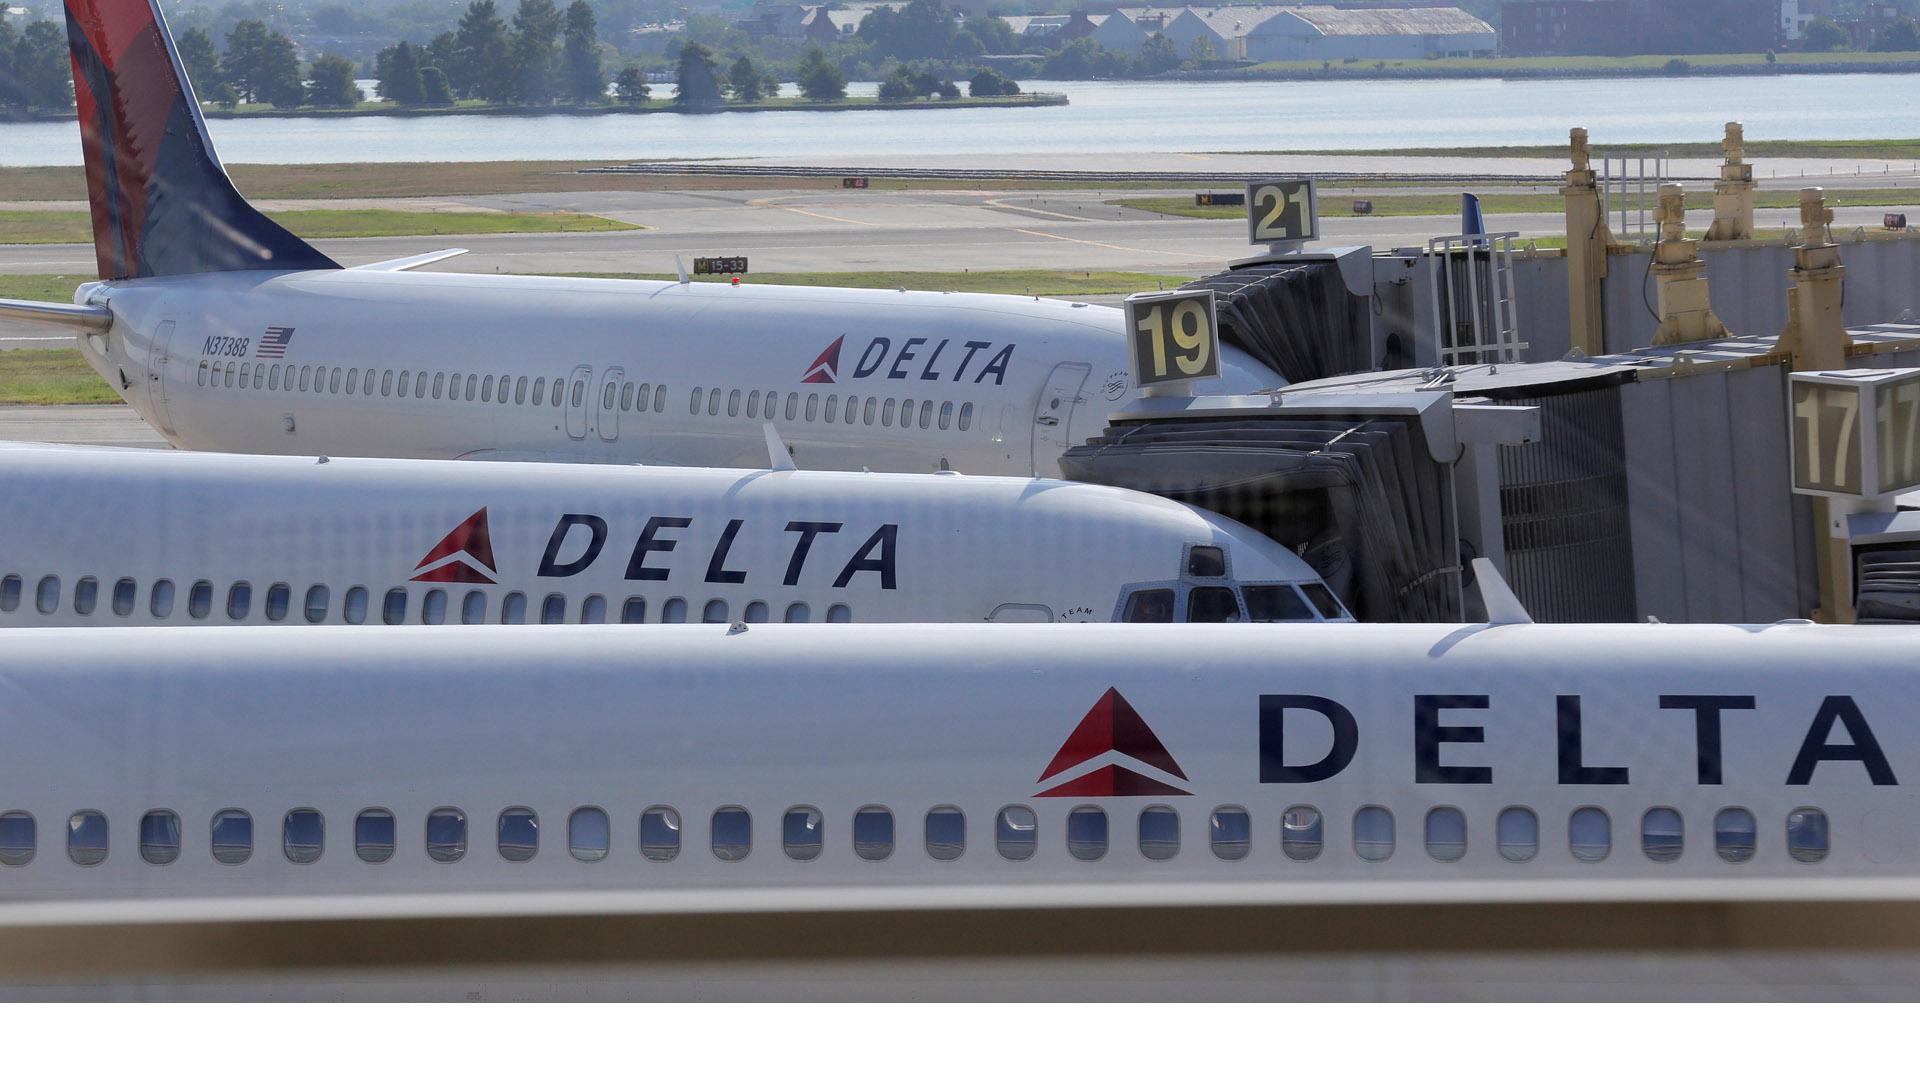 Tras problemas con su sistema operativo la aerolínea tuvo que cancelar sus vuelos por dos días